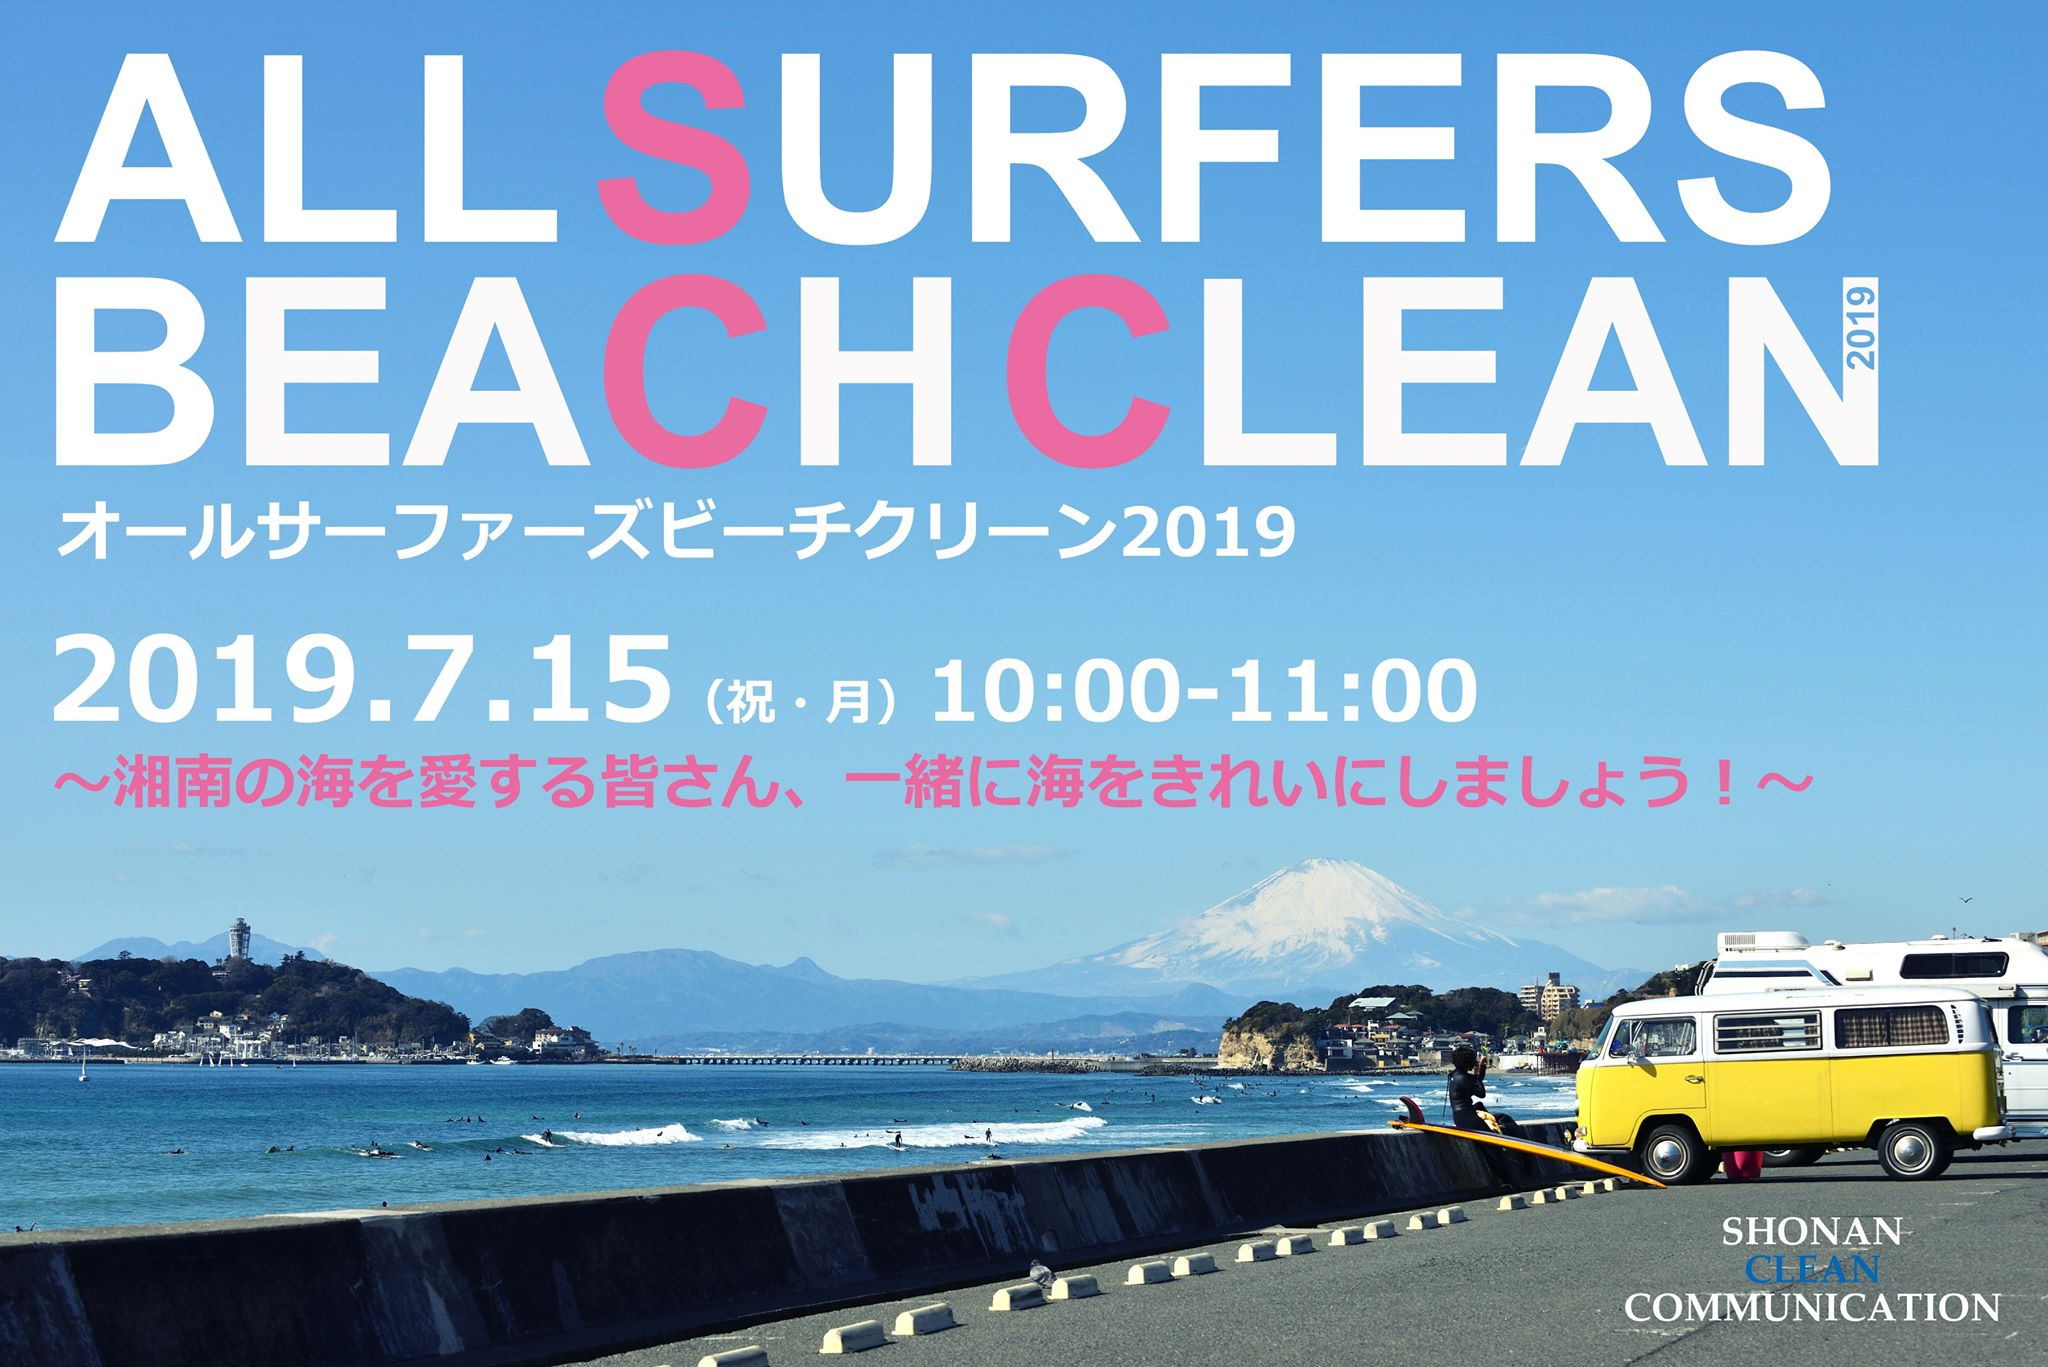 【終了】2019年7月15日(祝) オールサーファーズビーチクリーン